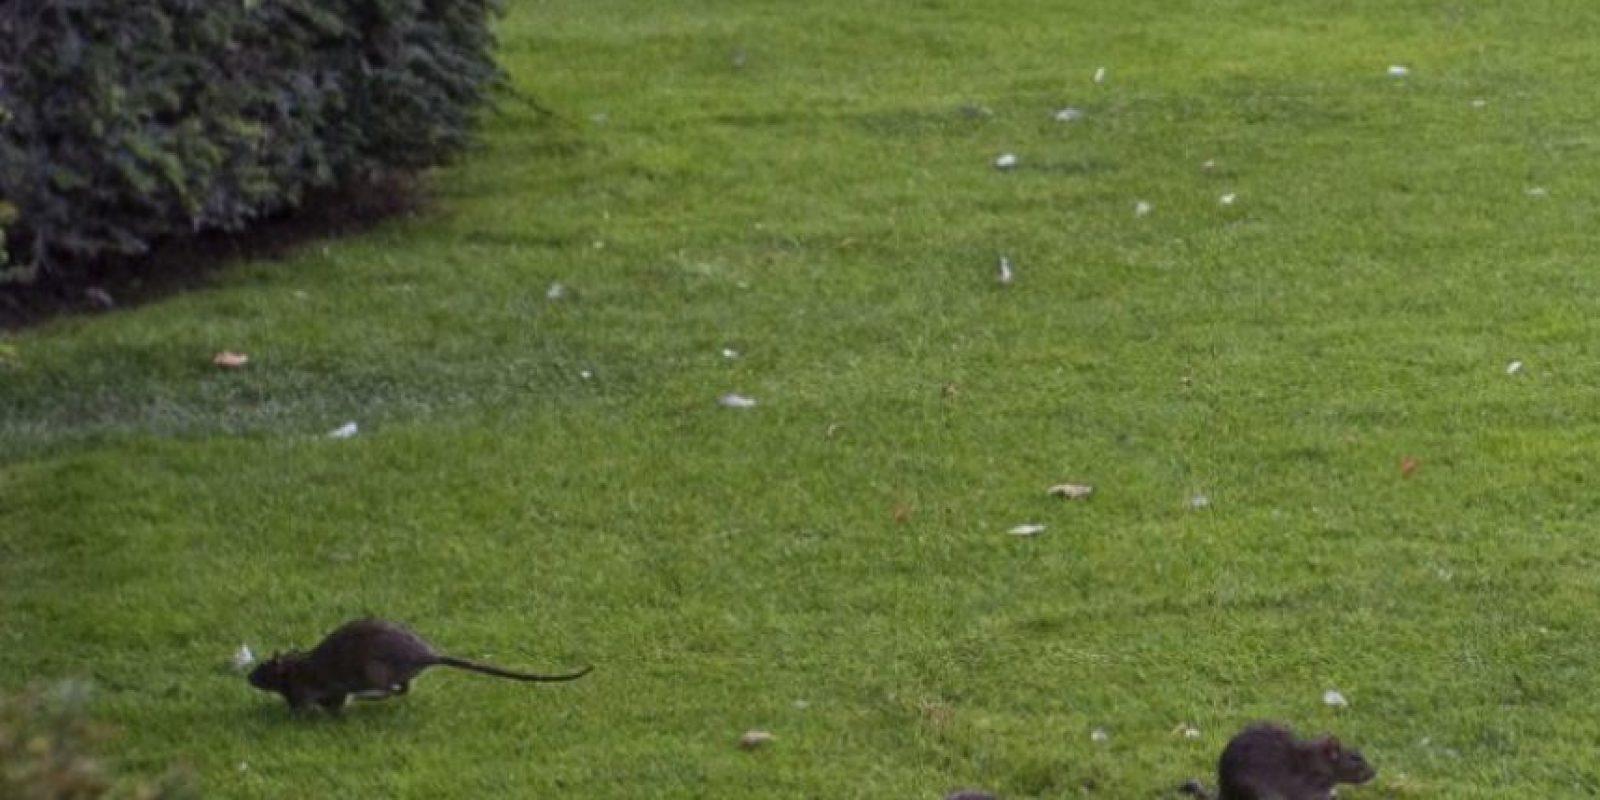 """""""La presencia de estos roedores en gran número presenta problemas sanitarios, estéticos y económicos"""", explicó la alcaldesa de Paris, Anne Hidalgo. Foto:Reproducción Twitter. Imagen Por:"""